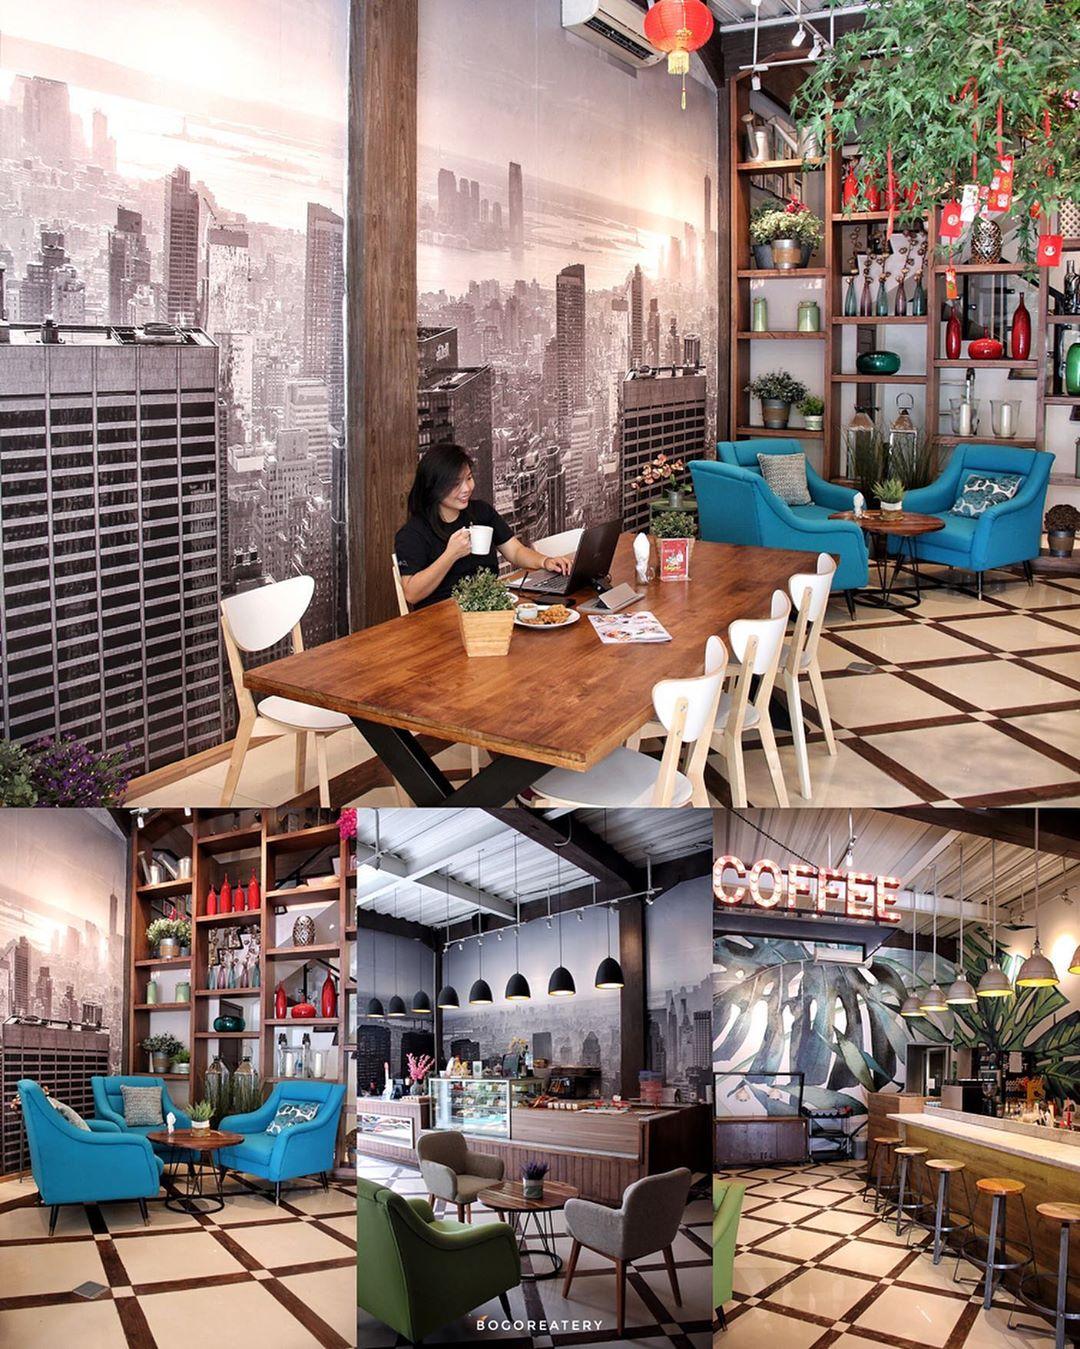 7 Restoran Bogor Dengan View Keren Nuansa Romantis